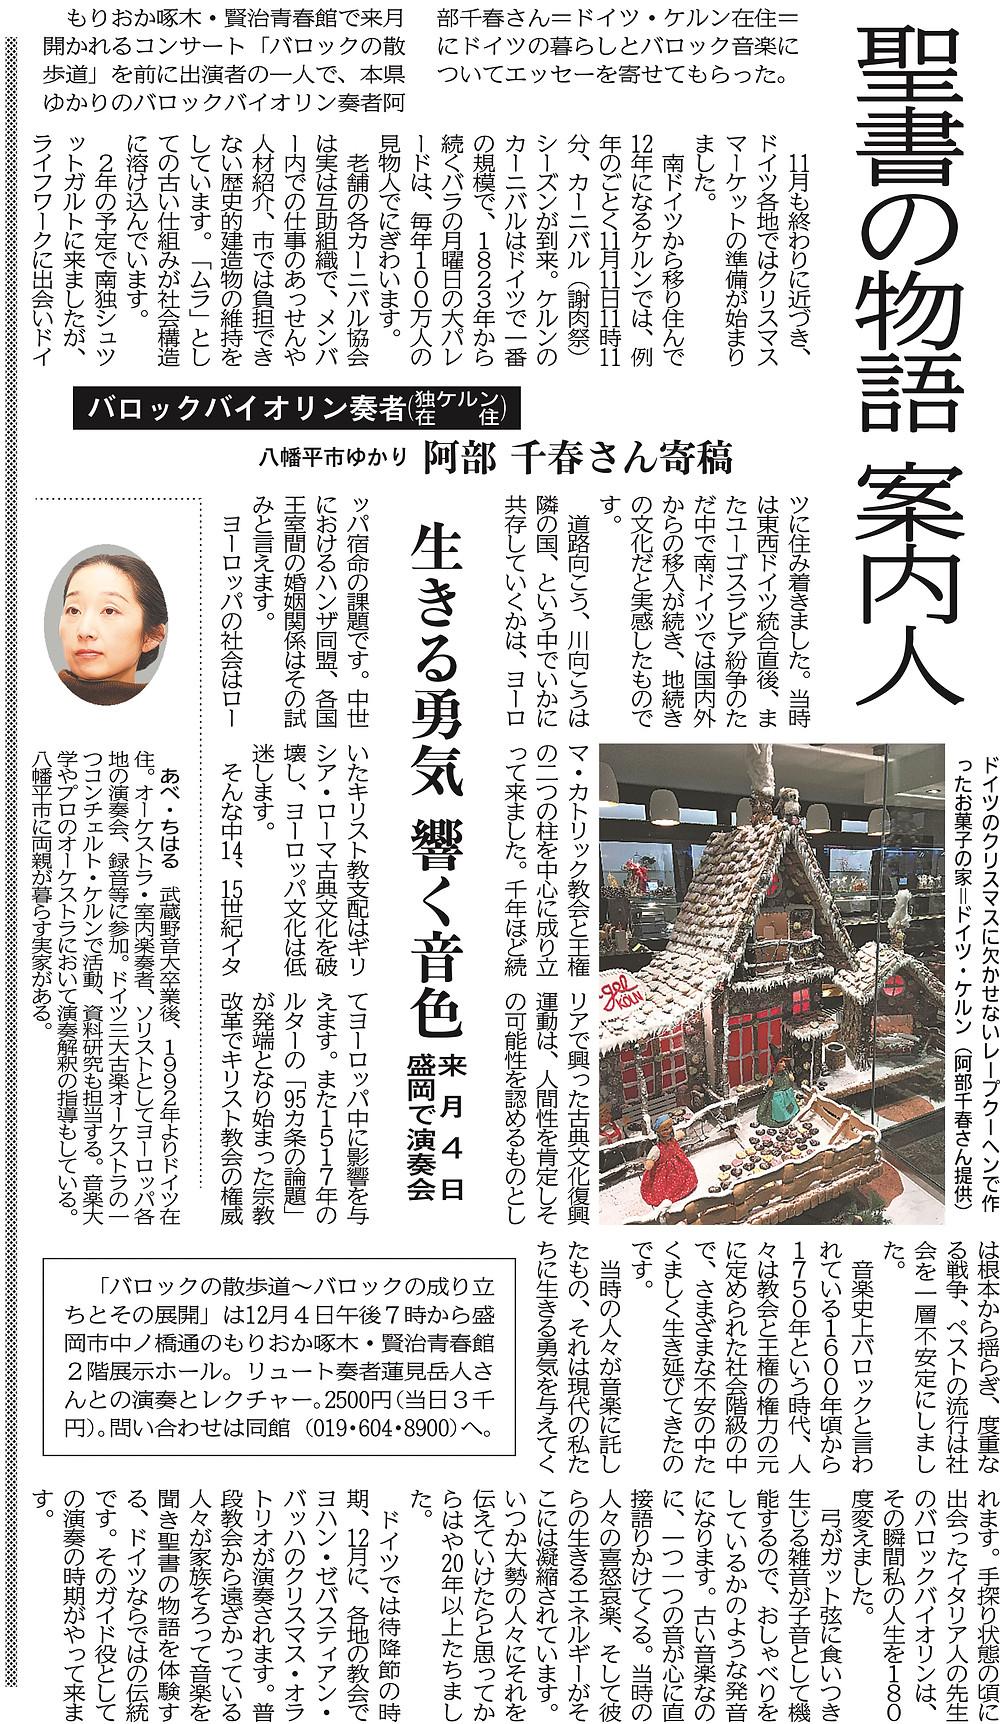 岩手日報 23.11.2018